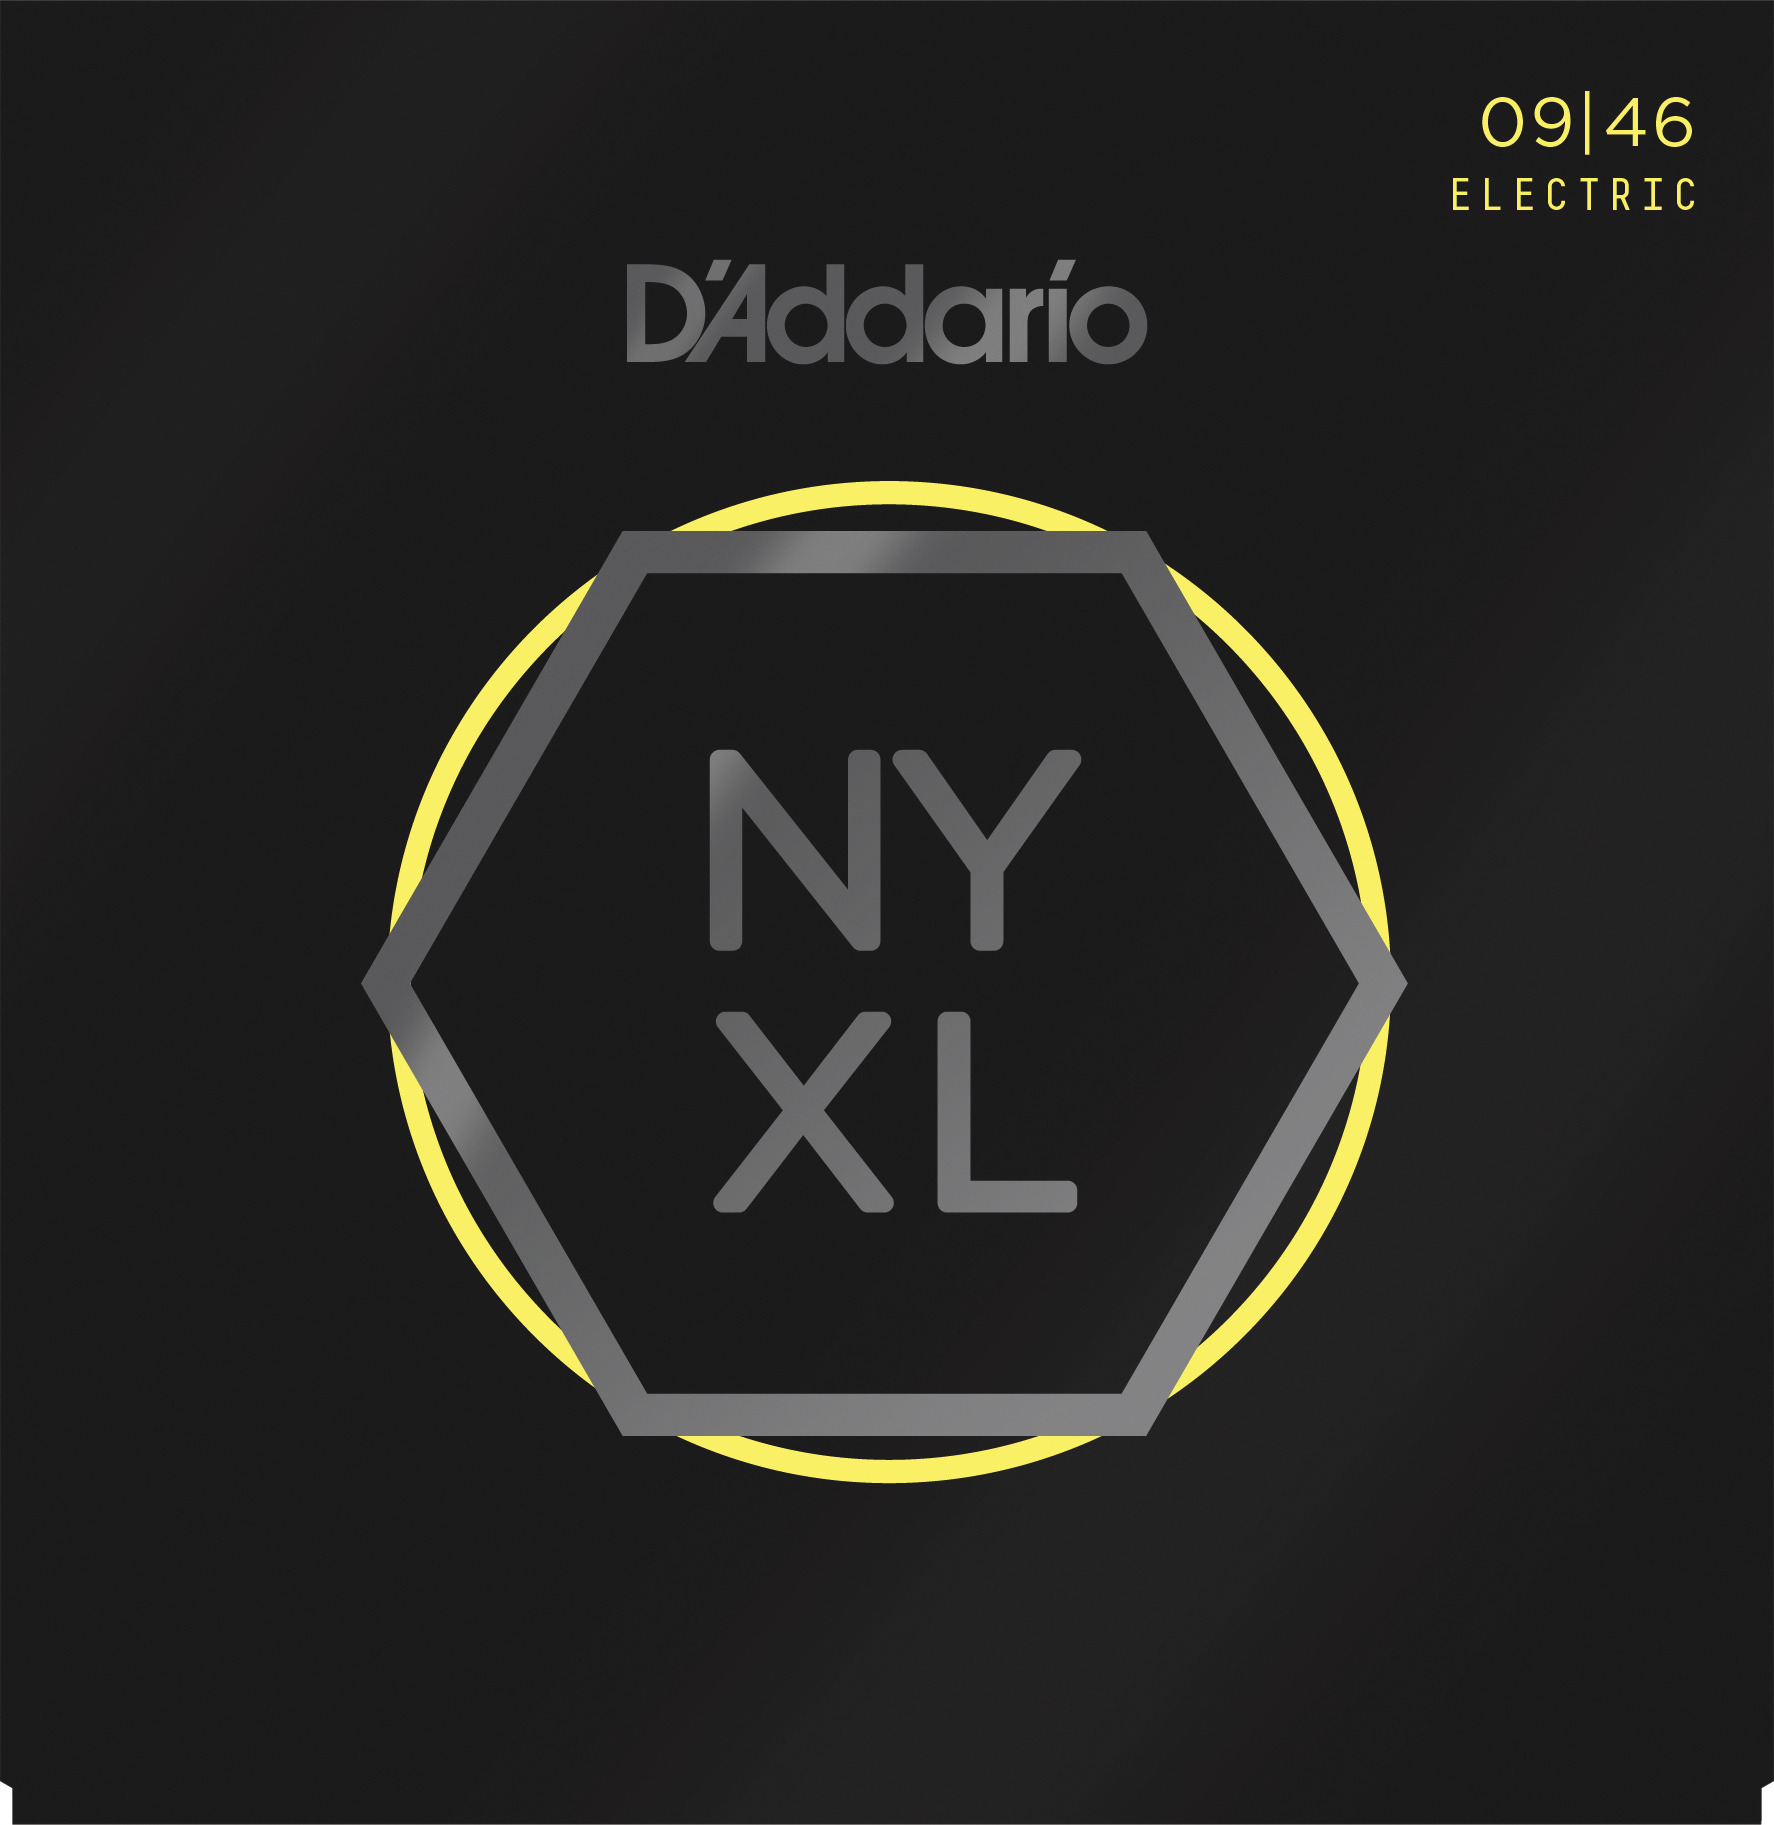 Daddario NYXL0946 Saitensatz für E-Gitarre 009-046